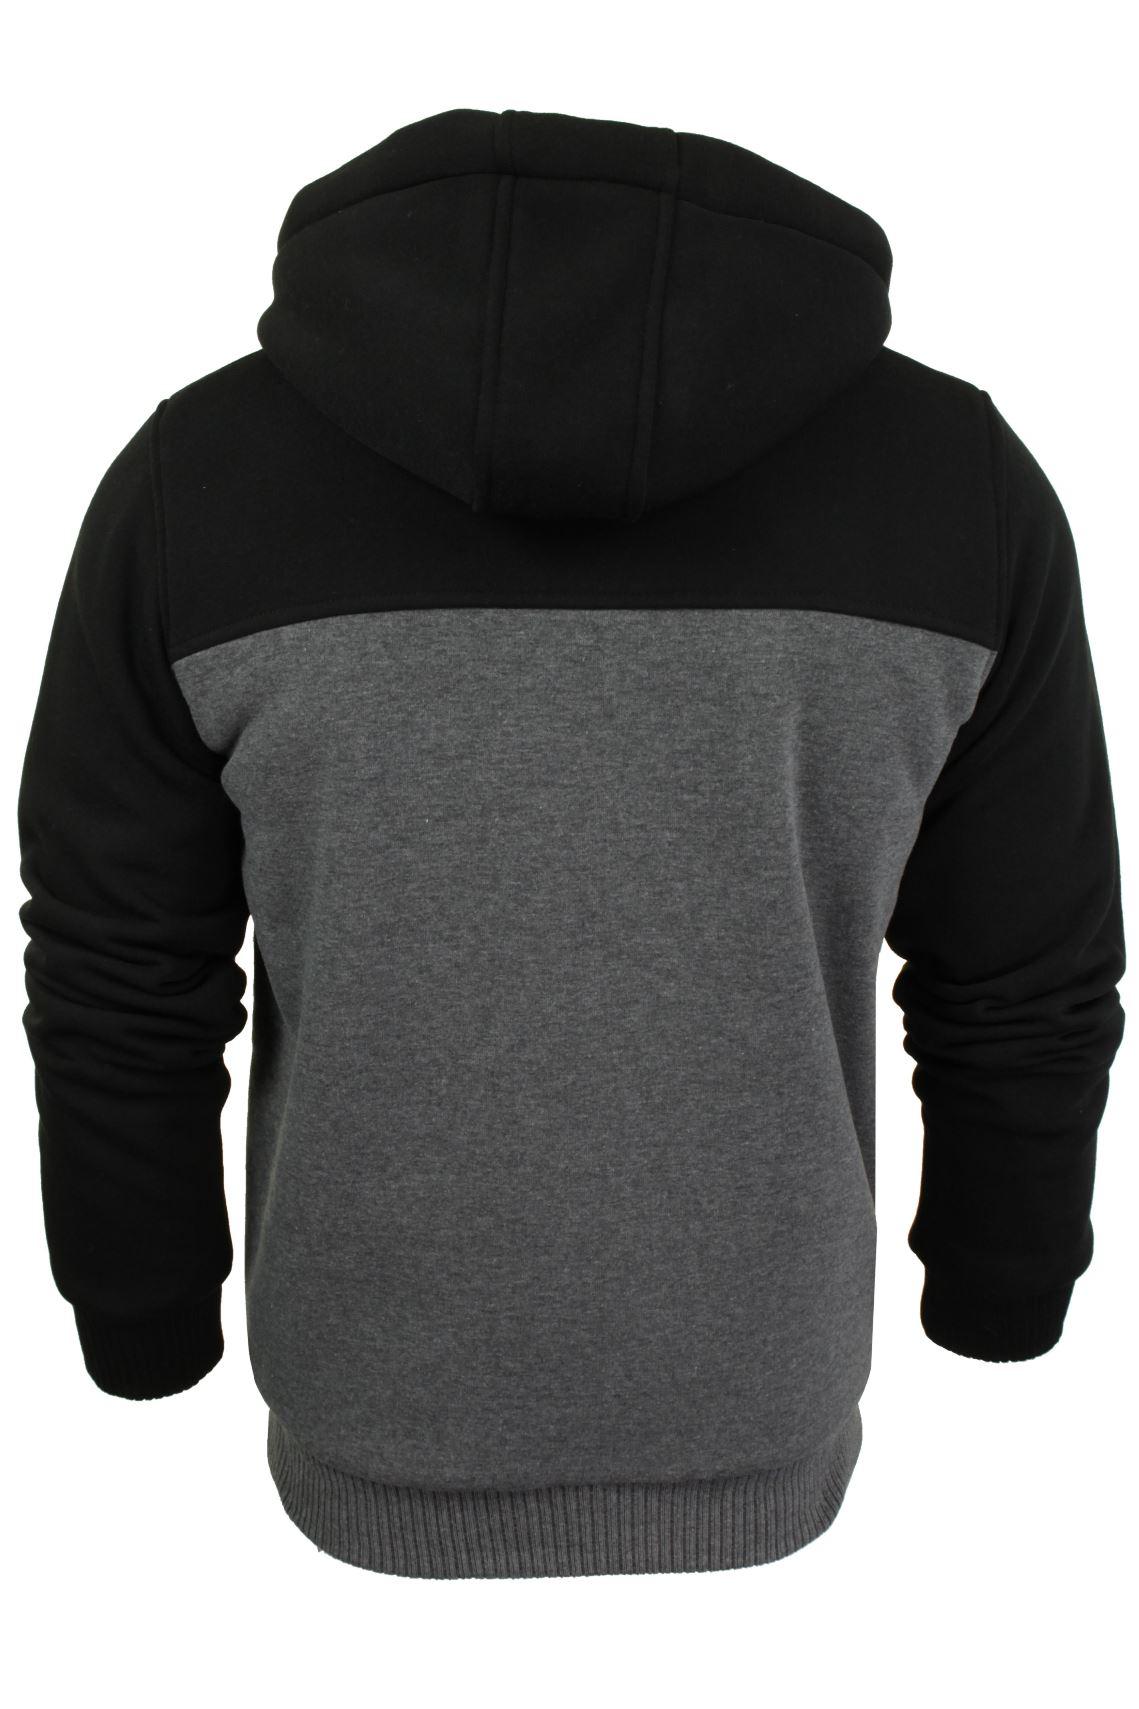 Brave-Soul-Mens-Hooded-Sweatshirt-Jumper-039-Zone-039-Hoodie-Sherpa-Lined thumbnail 5